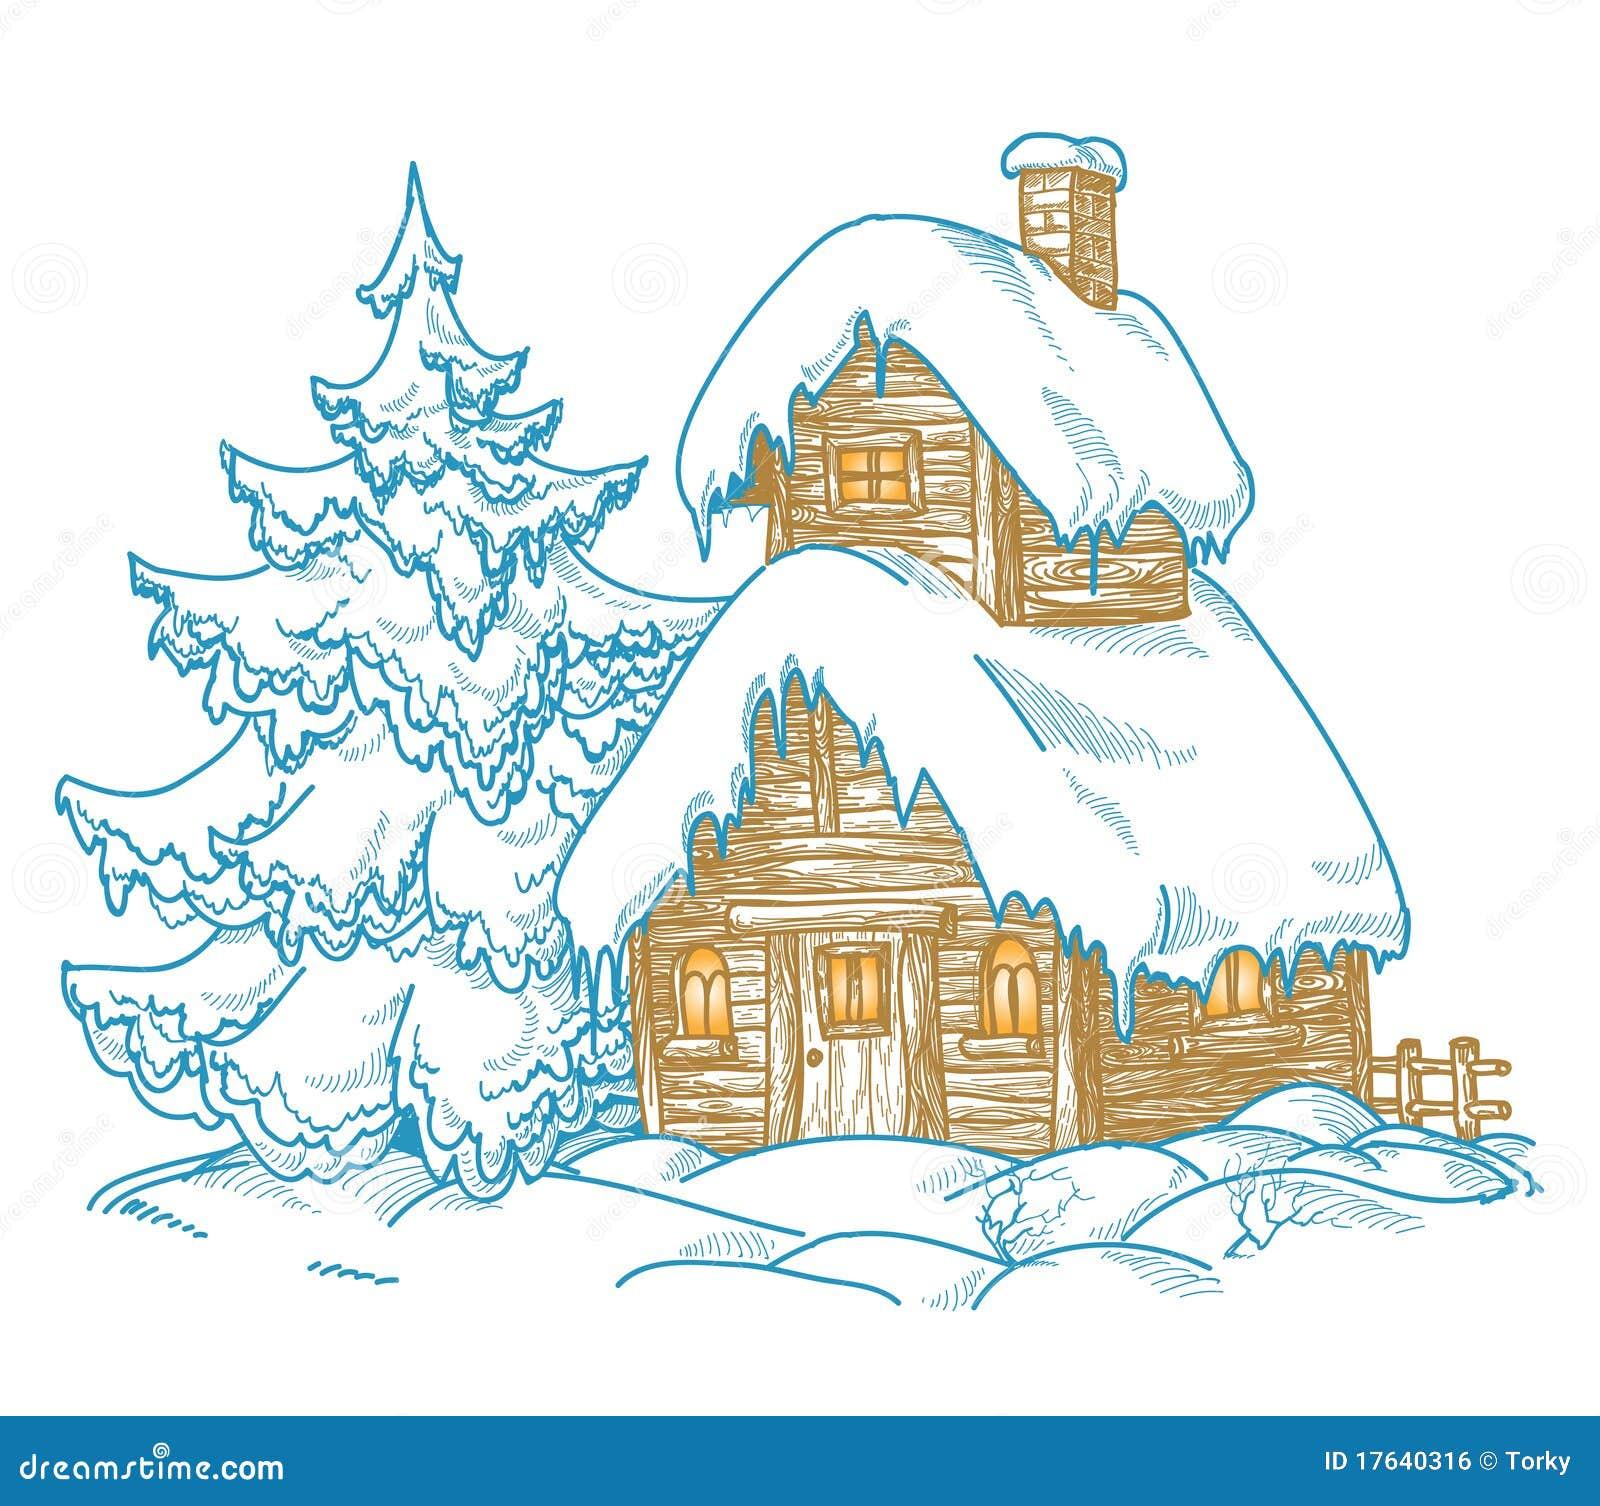 Sc ne de l 39 hiver de dessin anim image libre de droits image 17640316 - Dessin de l hiver ...